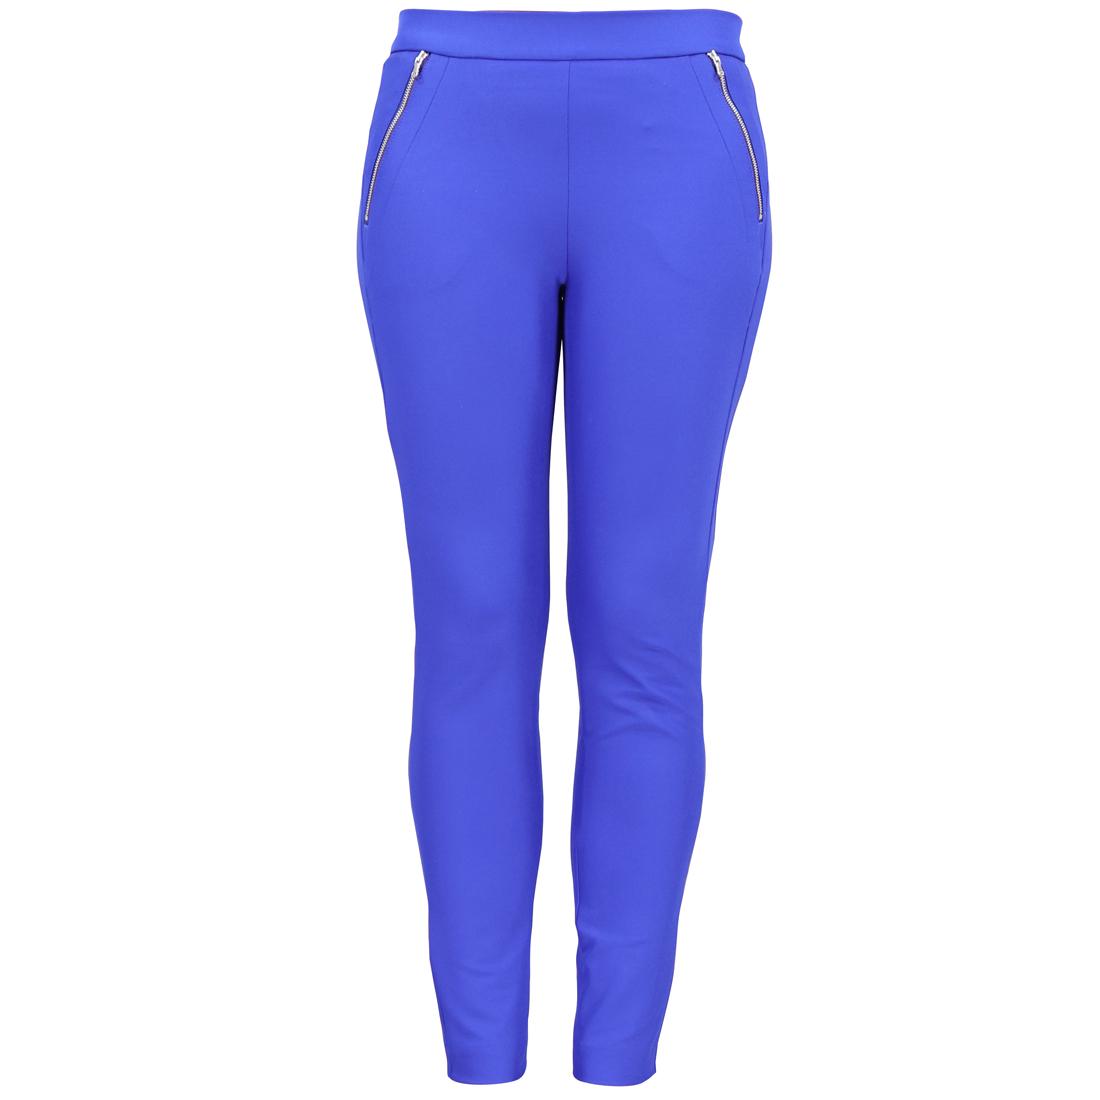 Image of Gardeur broek zene28 600261 in het Blauw